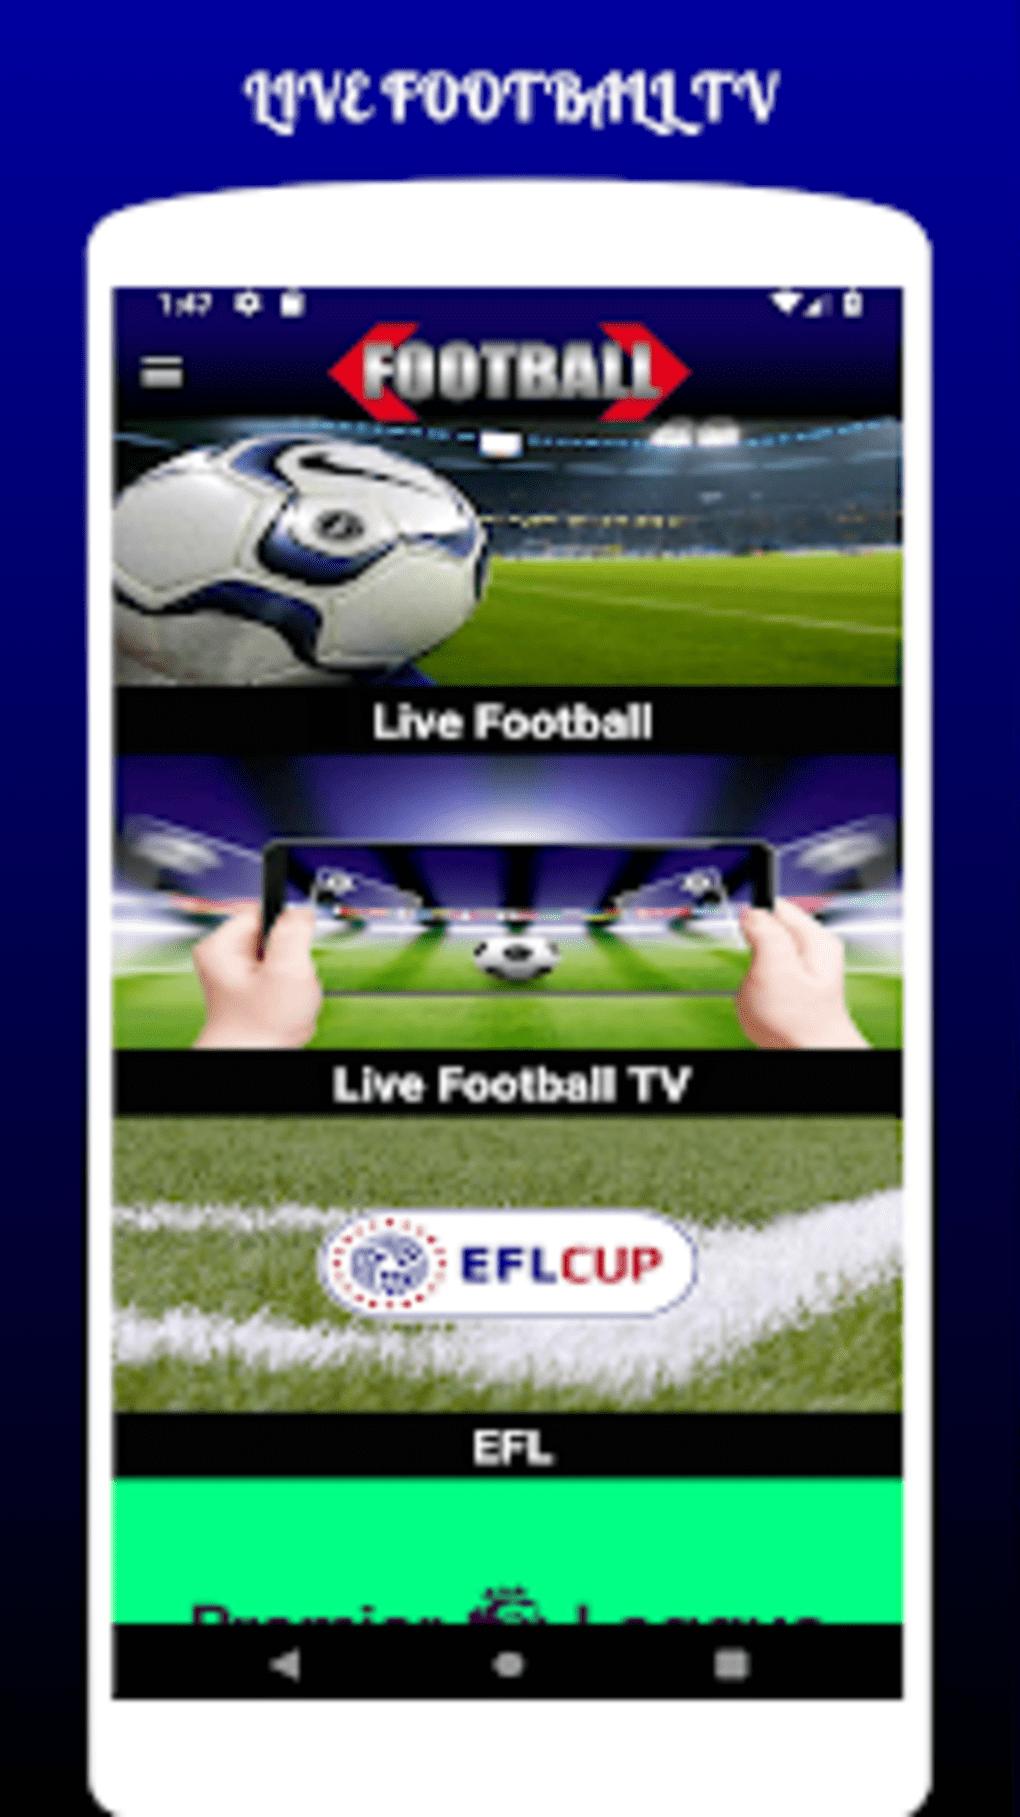 Football tv app | Football TV Live Streaming HD Apps  2019-05-27